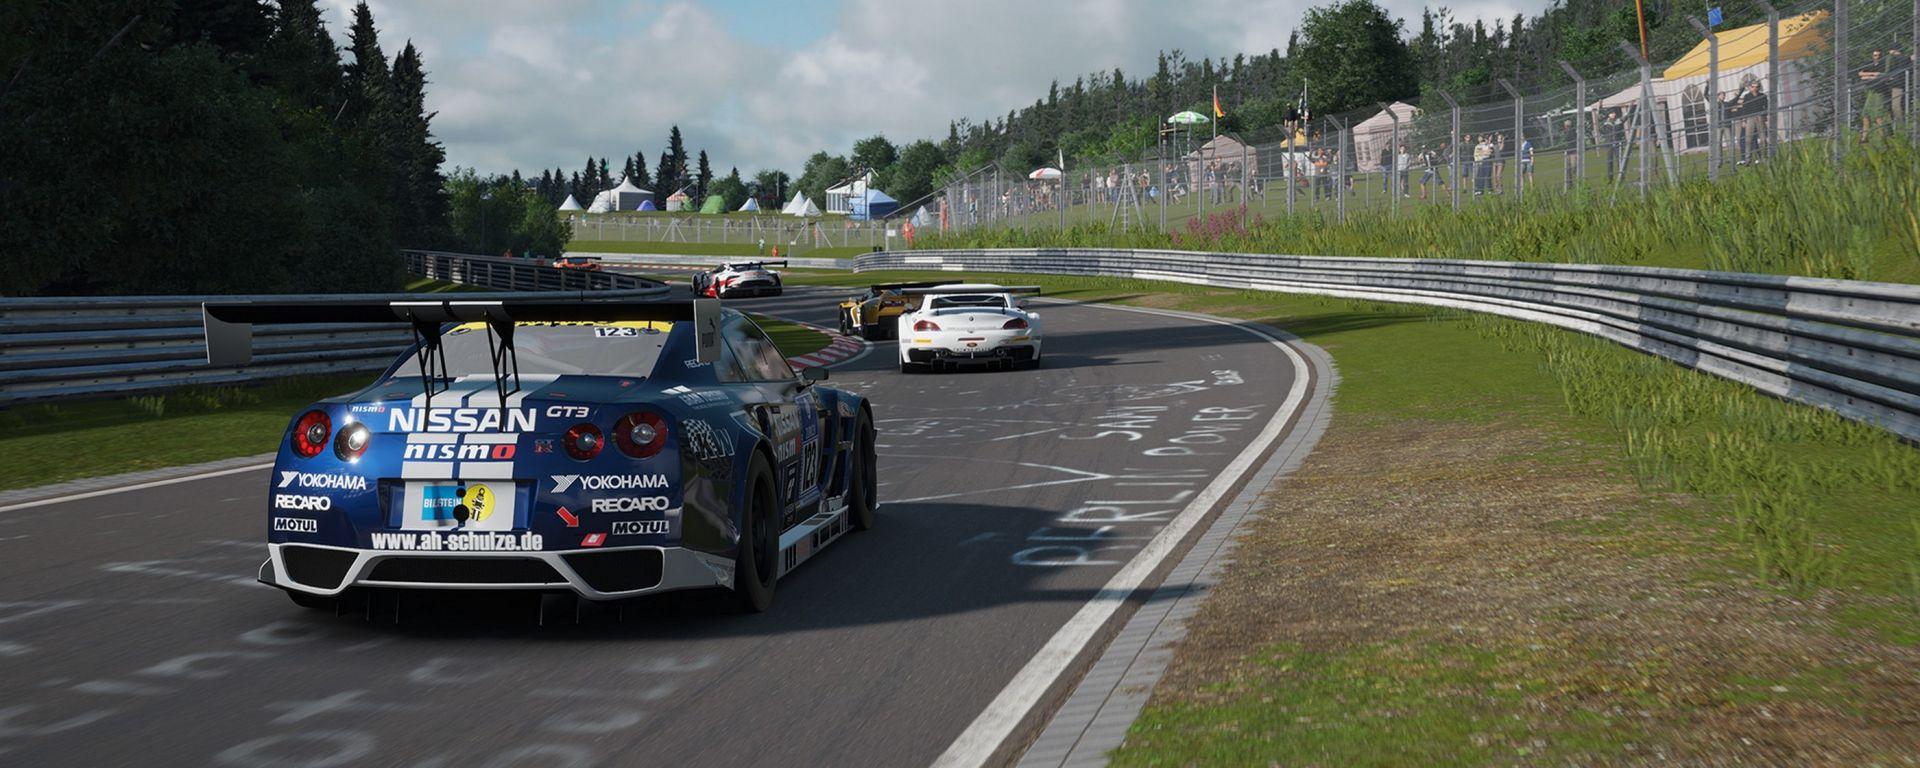 Questa è l'auto capace del record stellare sulla Nordschleife a Gran Turismo Sport